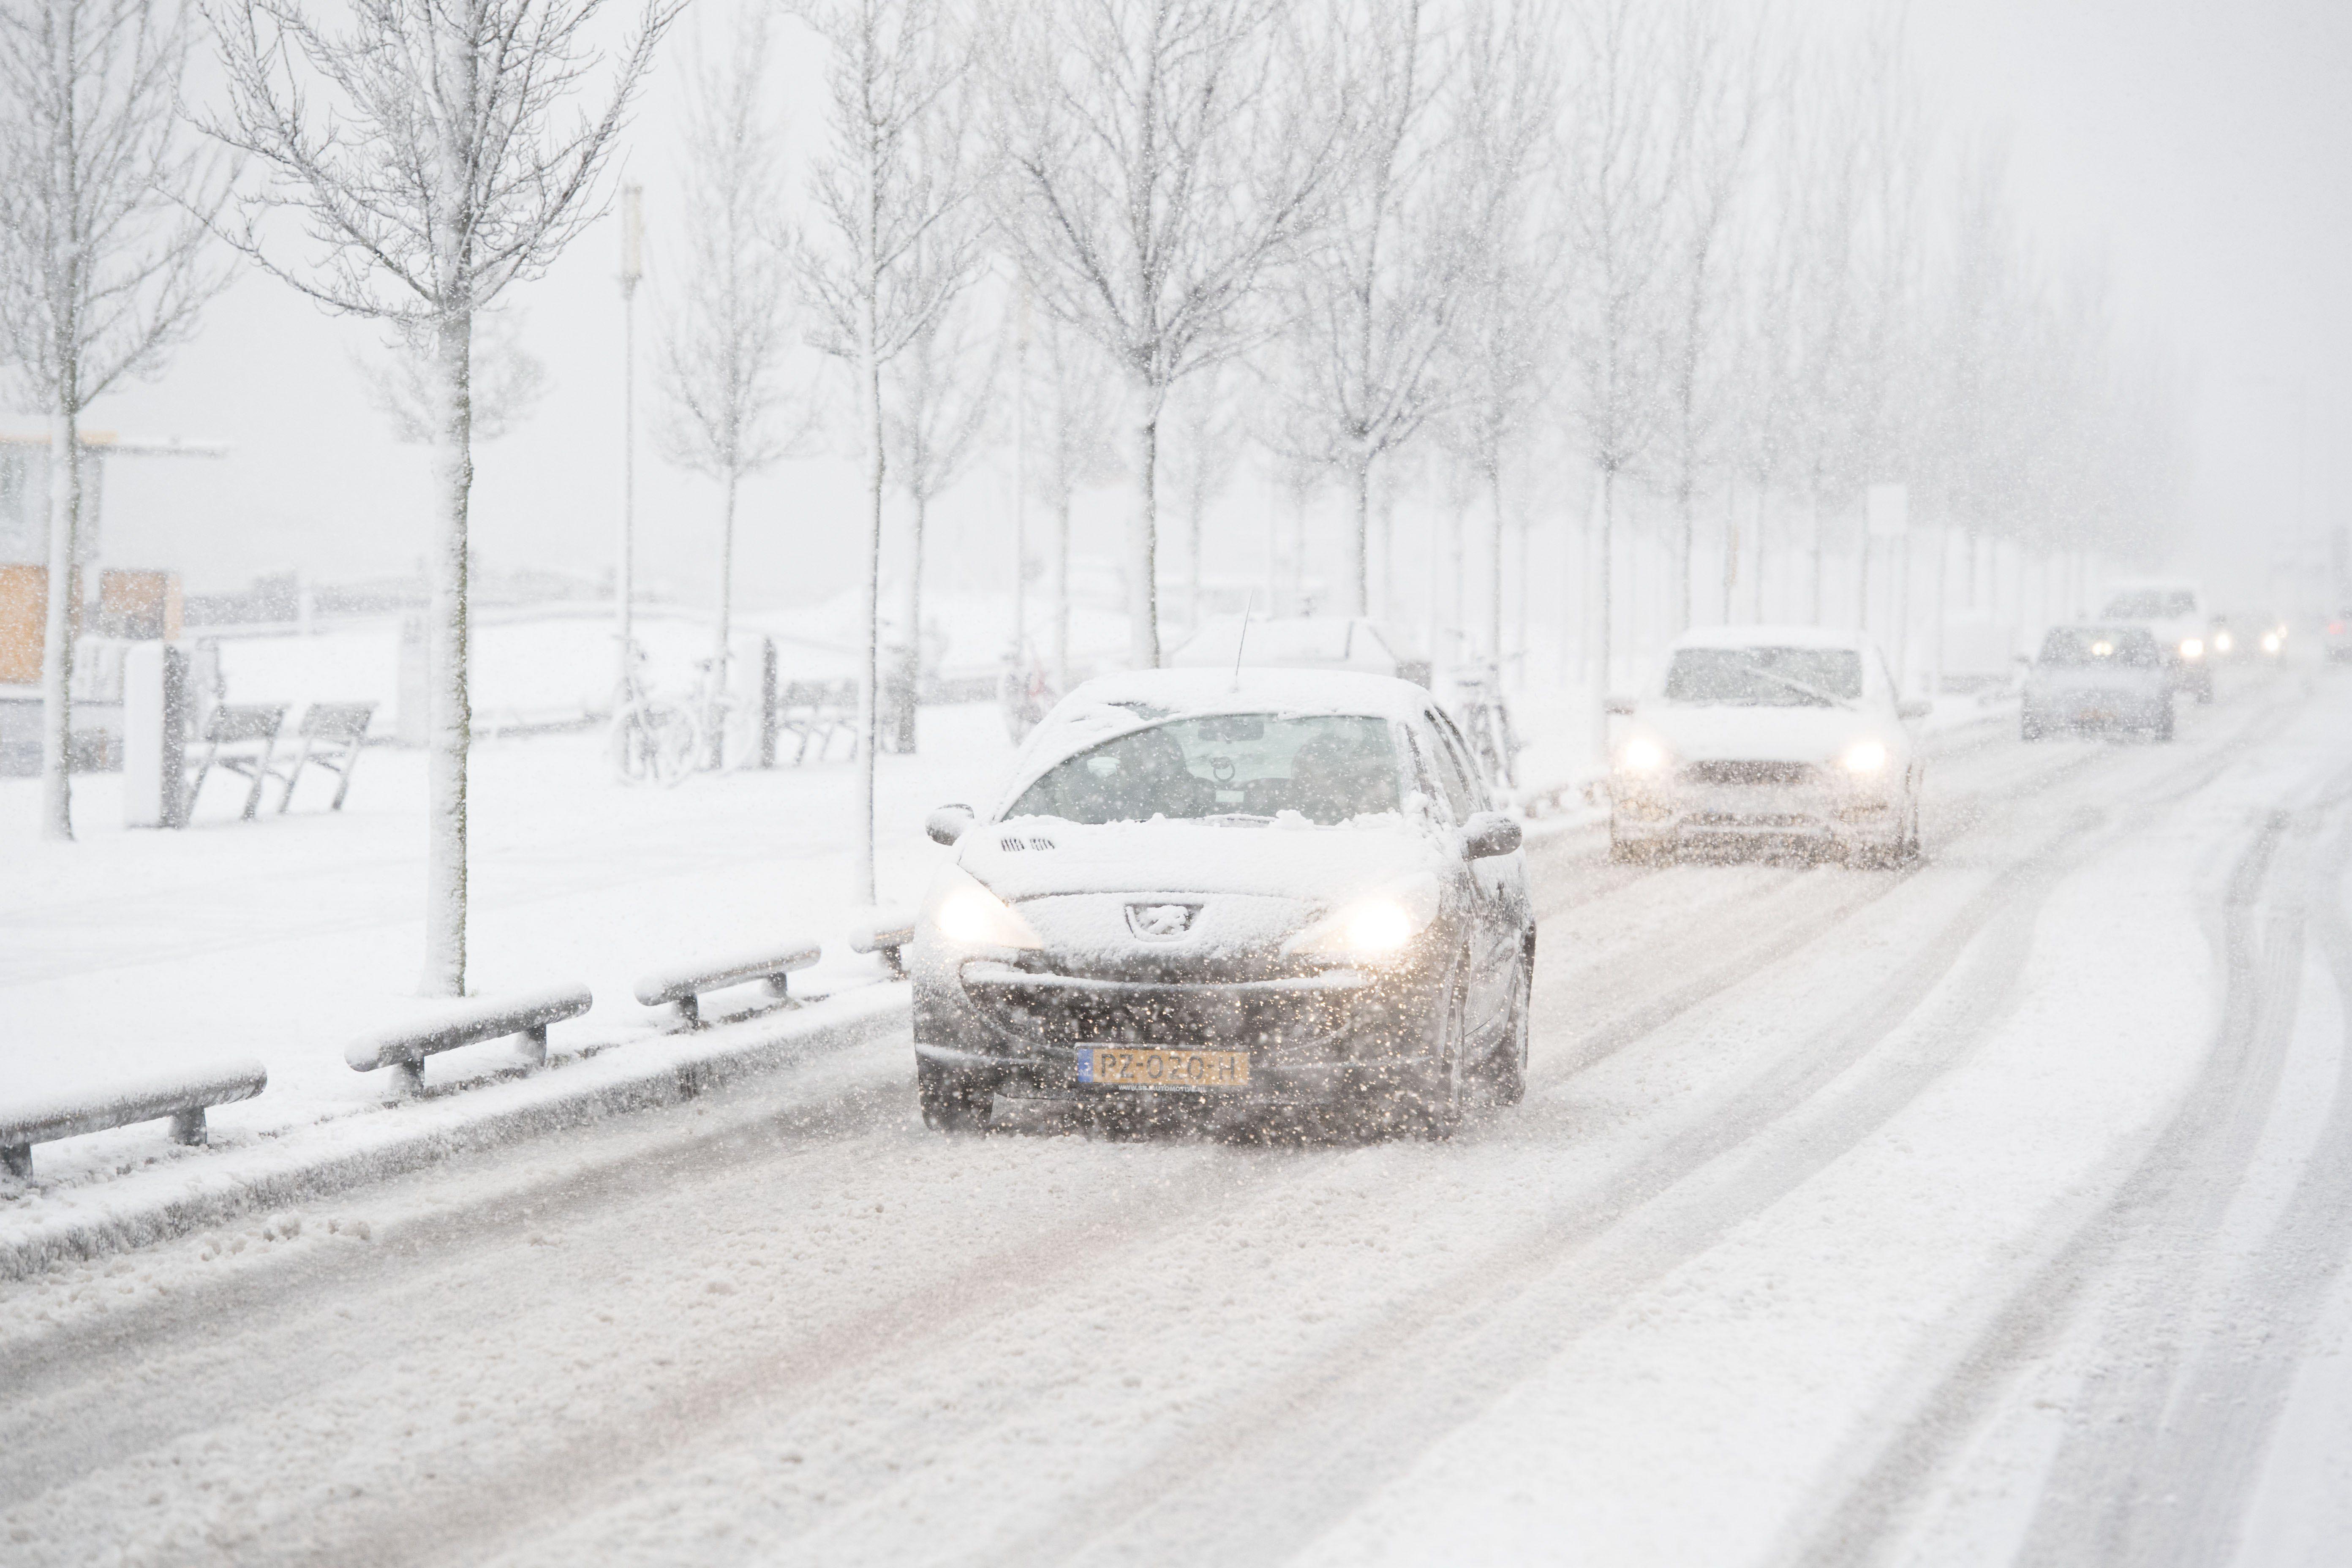 الثلوج الكثيفة تعرقل حركة النقل والسير فى أوروبا 1478241-تعطل-الحركة-